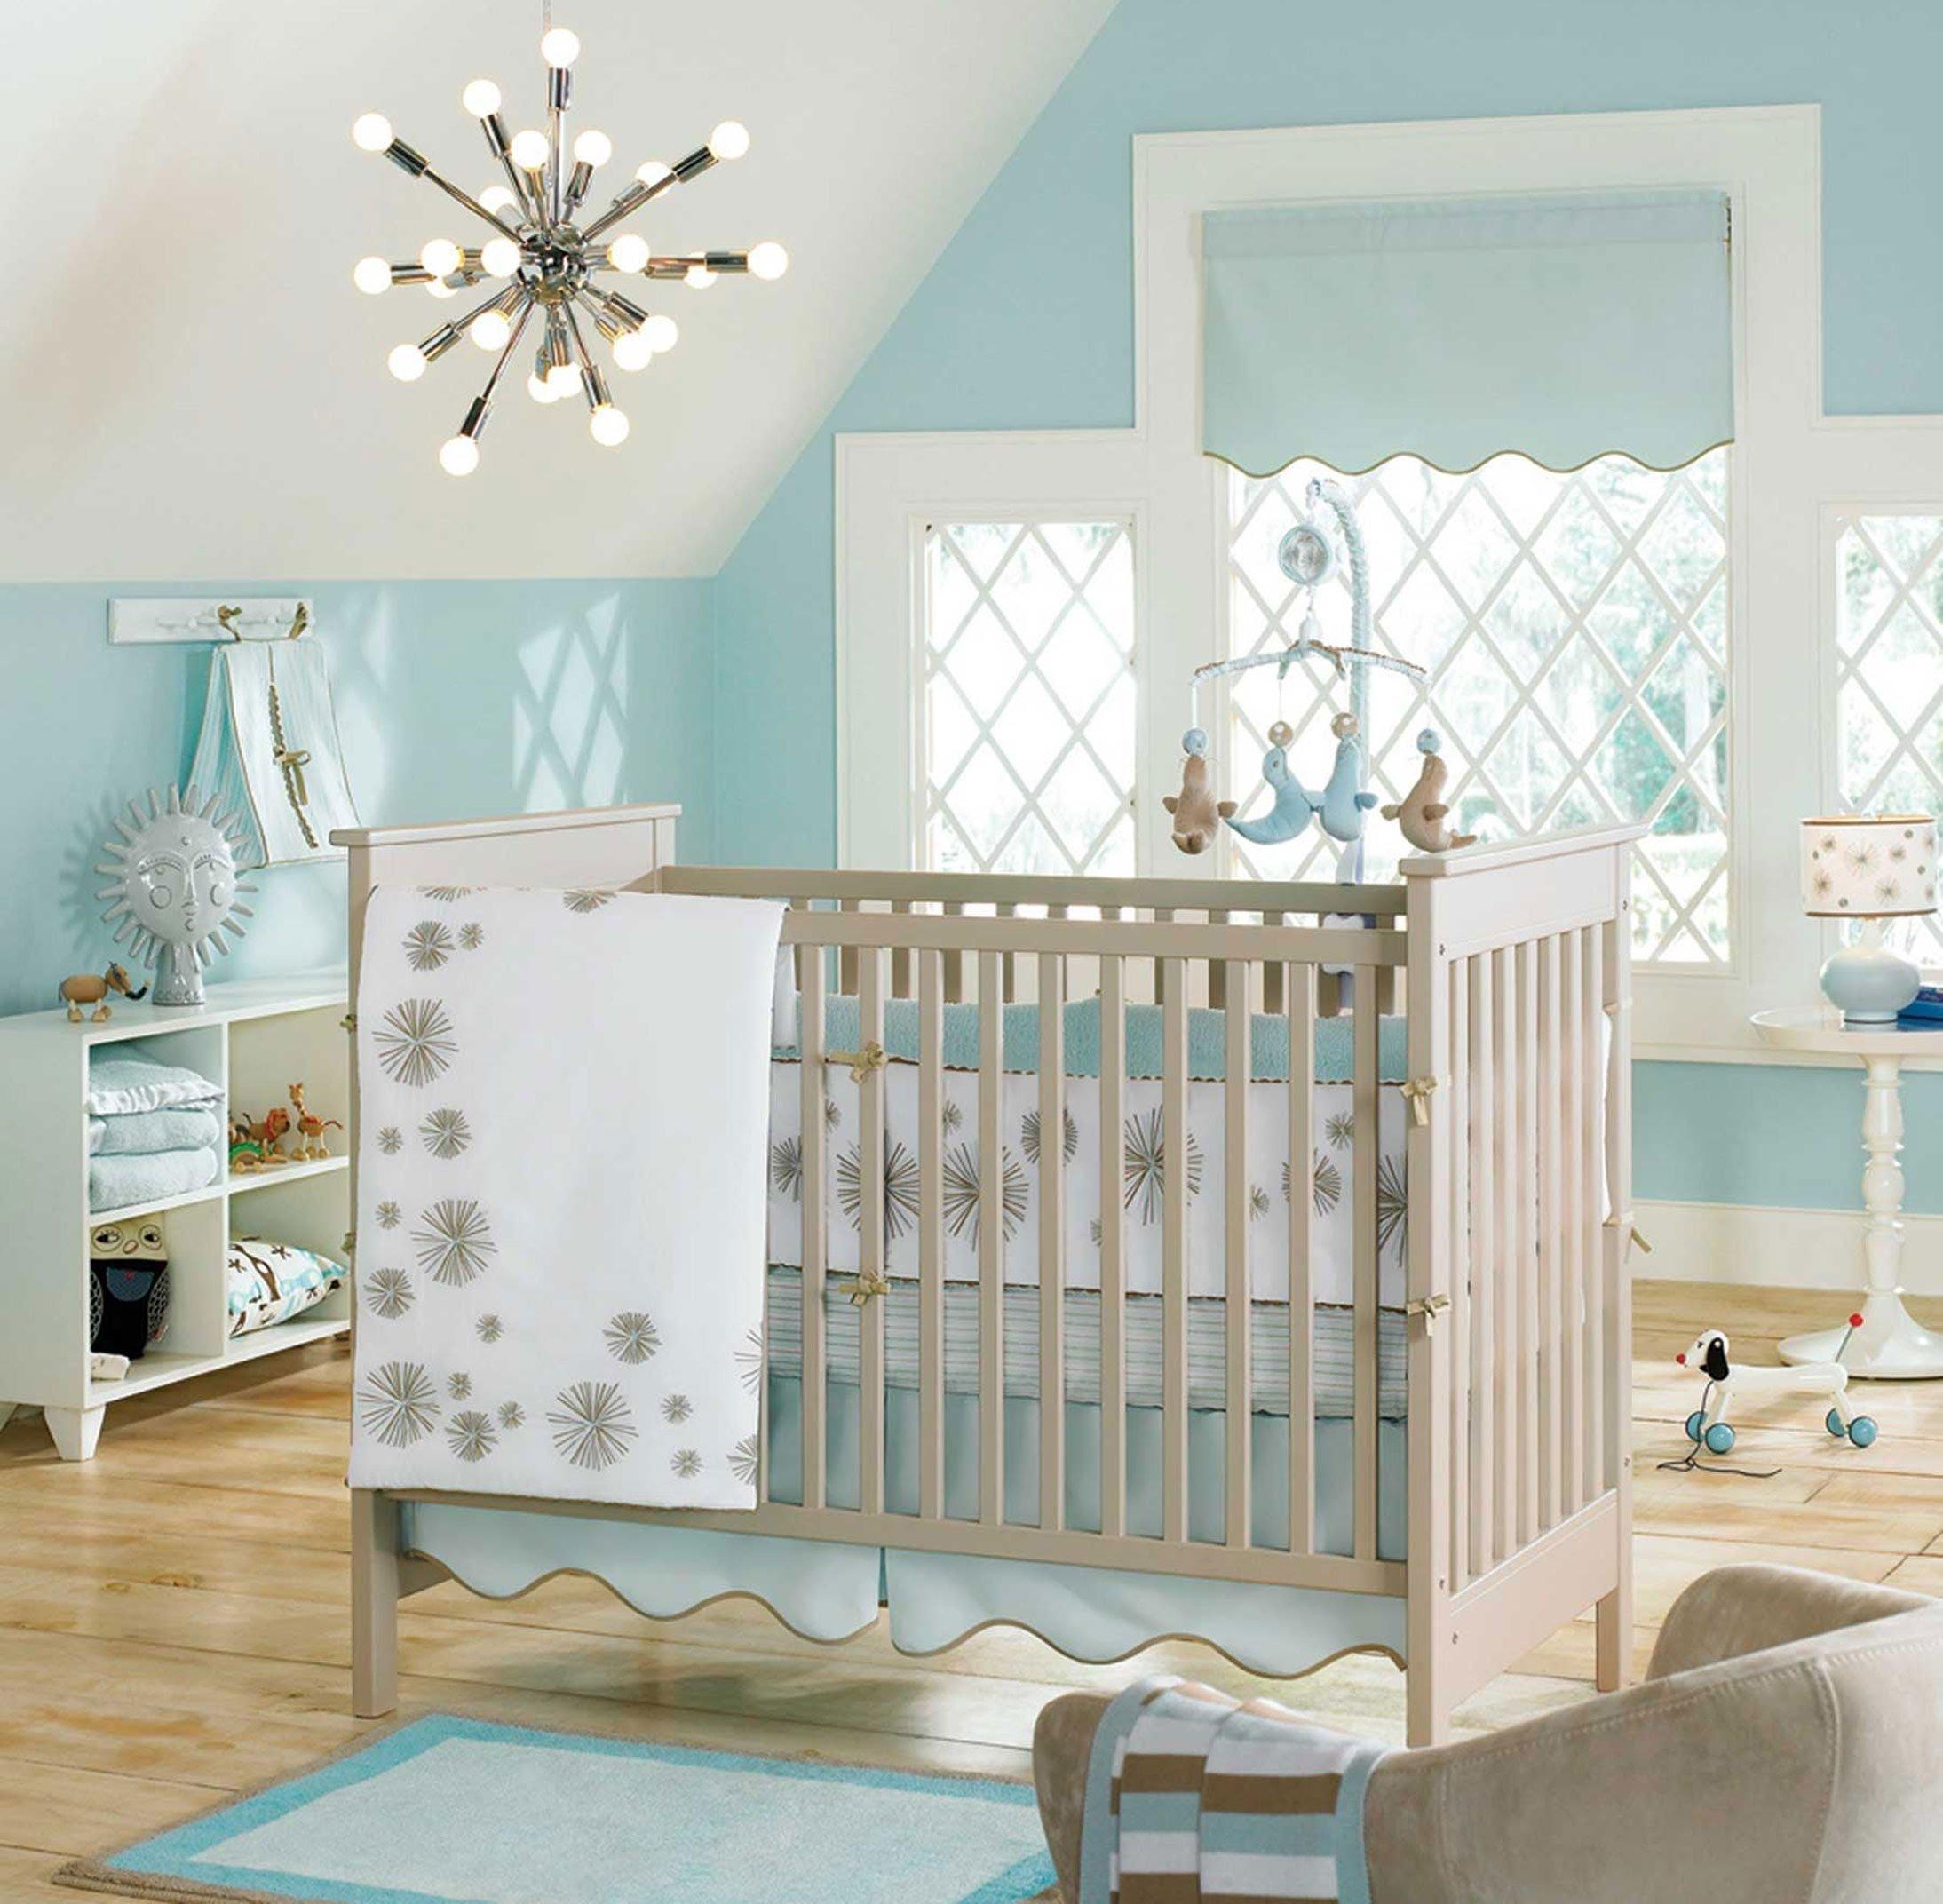 10 Elegant Baby Boy Ideas For Nursery cute baby boy room ideas infant classroom decorations nursery 2021